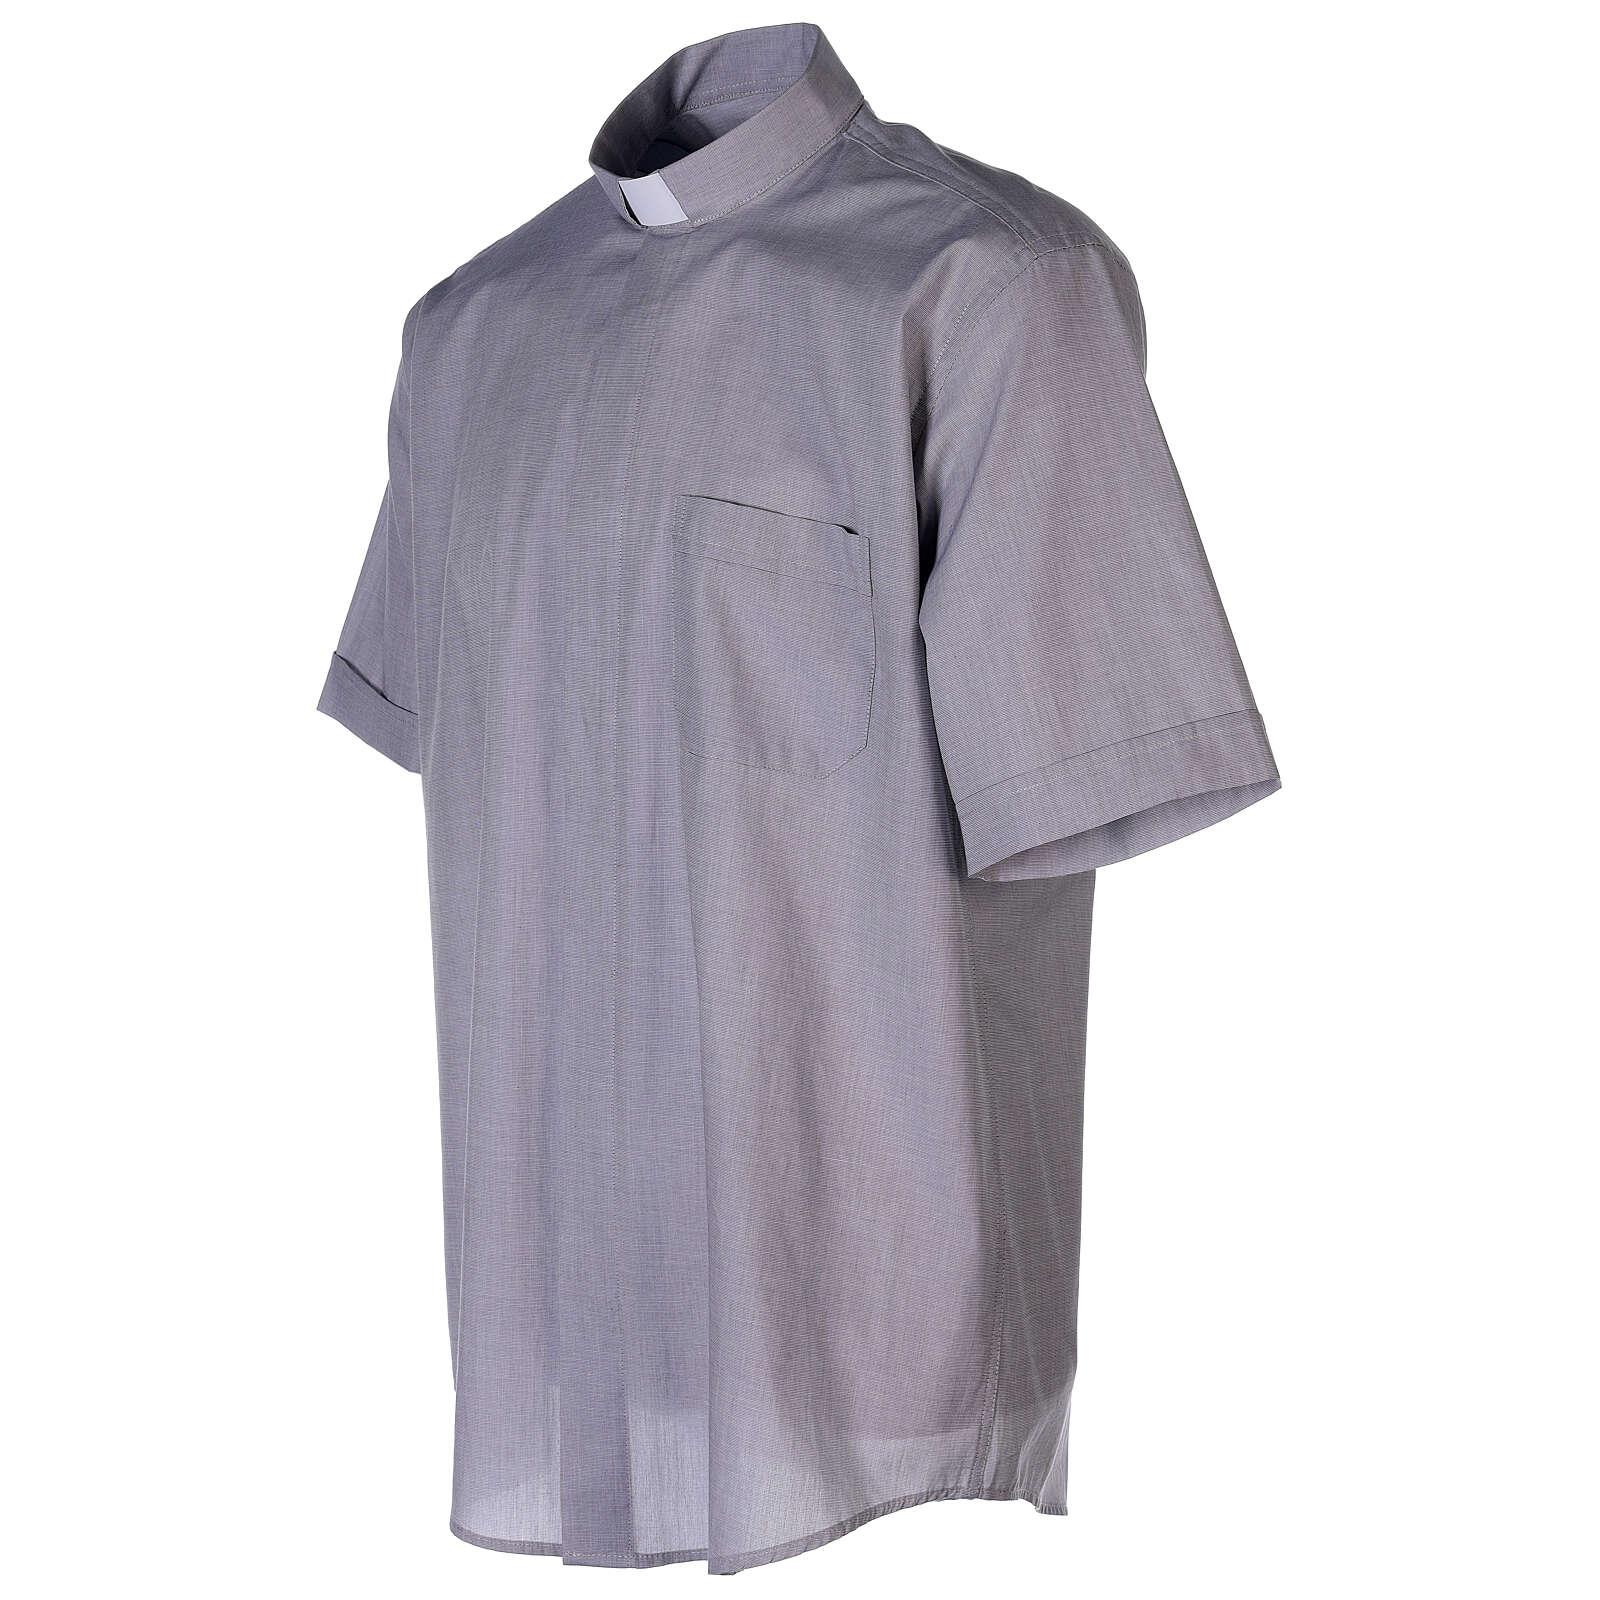 Koszula kapłańska fil a fil jasnoszara krótki rękaw 4